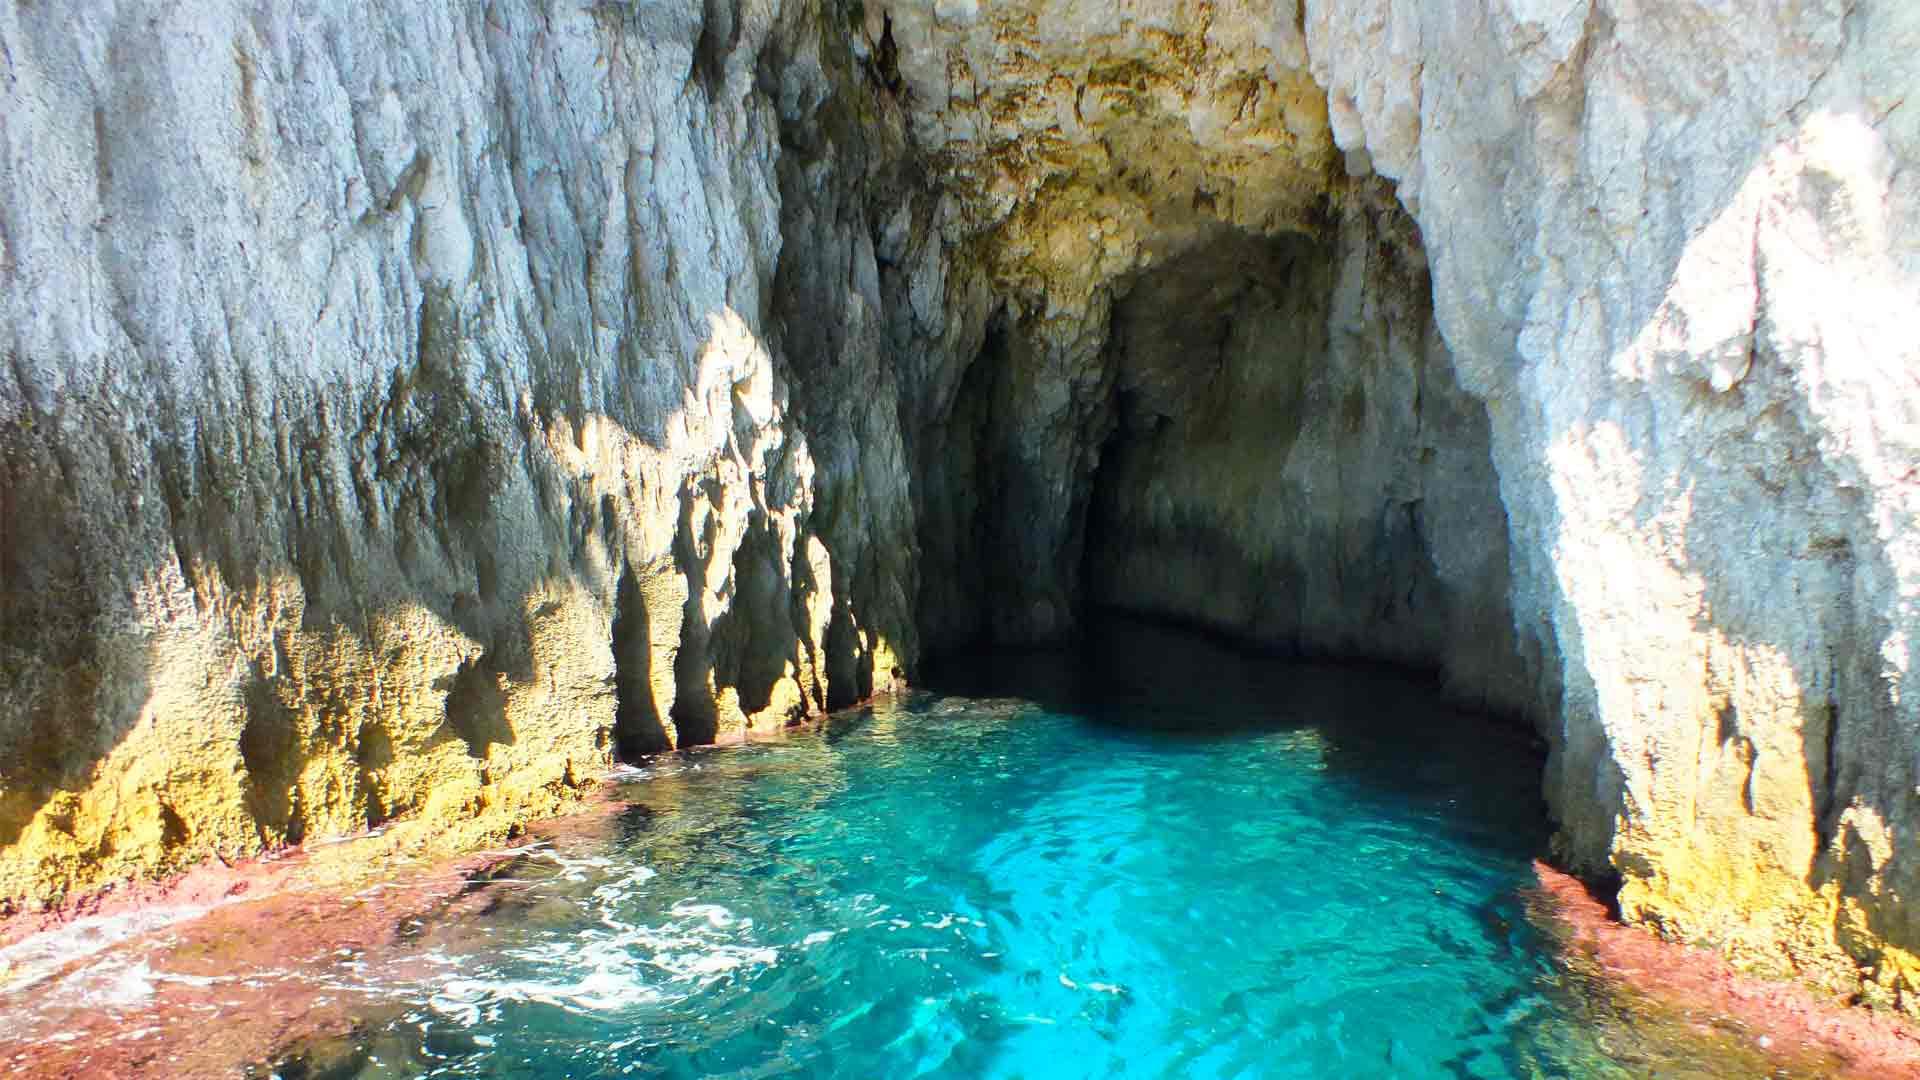 GROTTE TOUR: Escursione alle grotte marine – 40 minuti